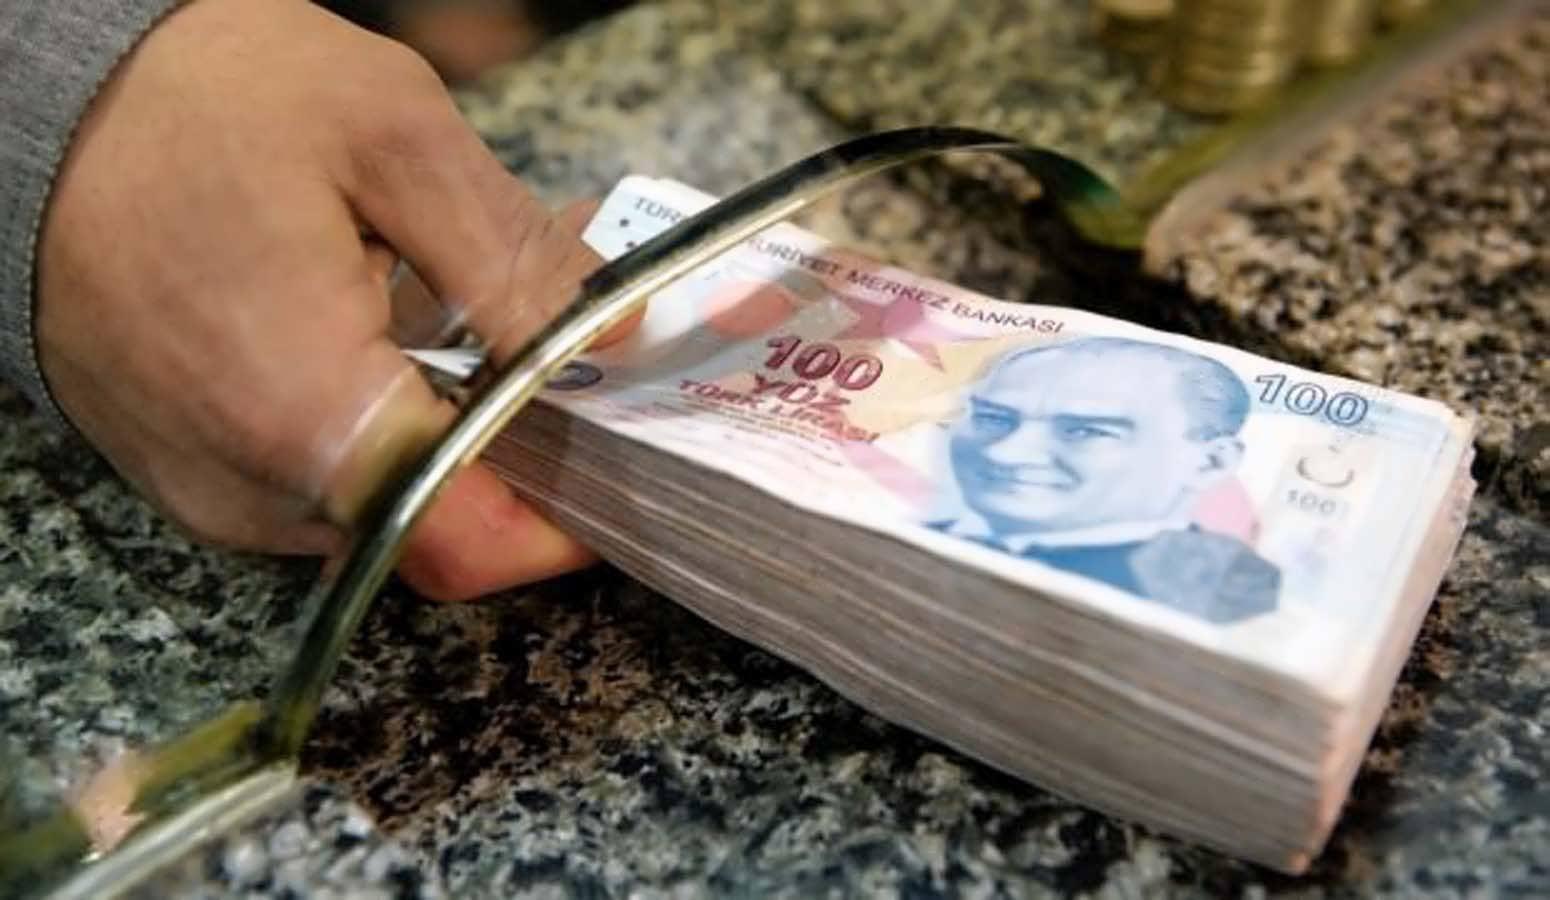 O Sigorta İşsiz Kalanlara 3 Bin Lira Maaş Ödeyecek